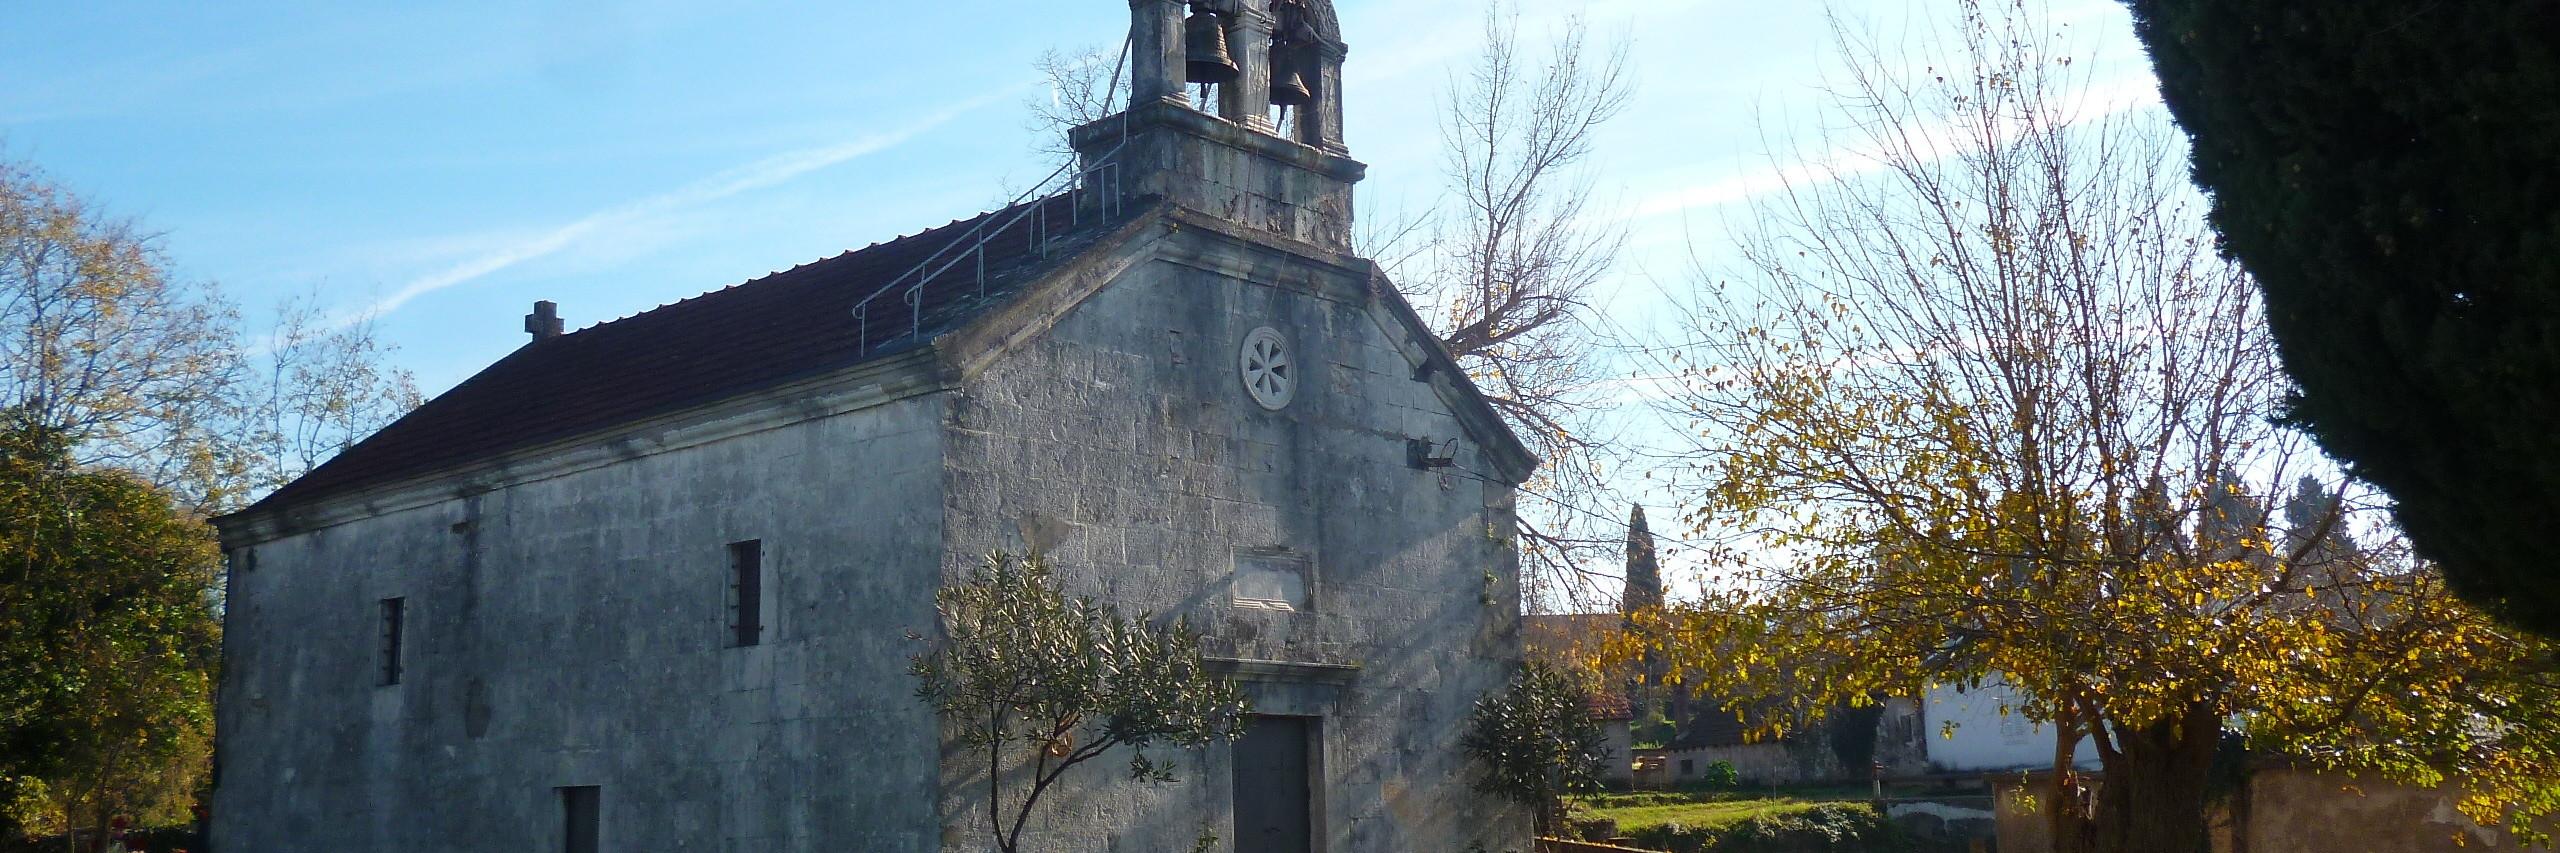 Церковь Успения Богородицы в Габеле. Фото: Елена Арсениевич, CC BY-SA 3.0